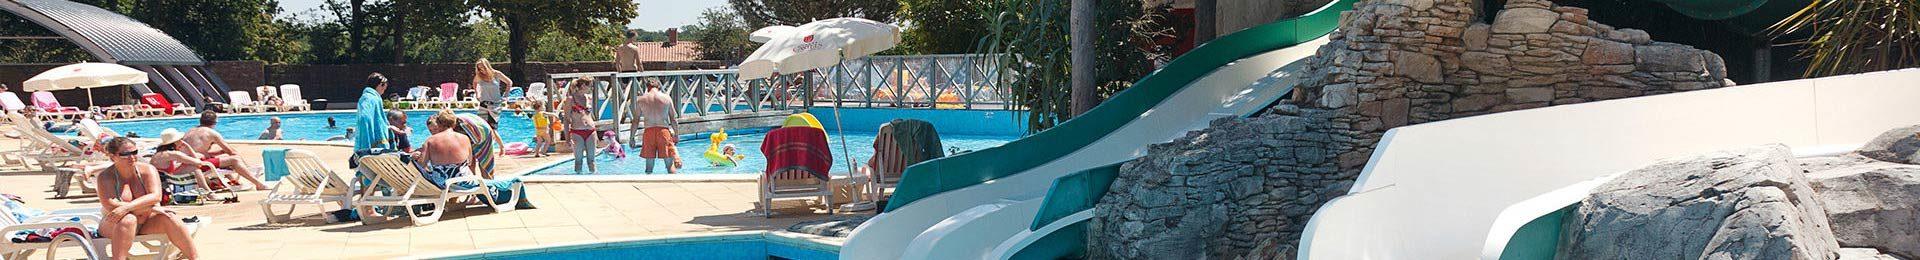 espace aquatique camping Castel 5 étoiles en Vendée